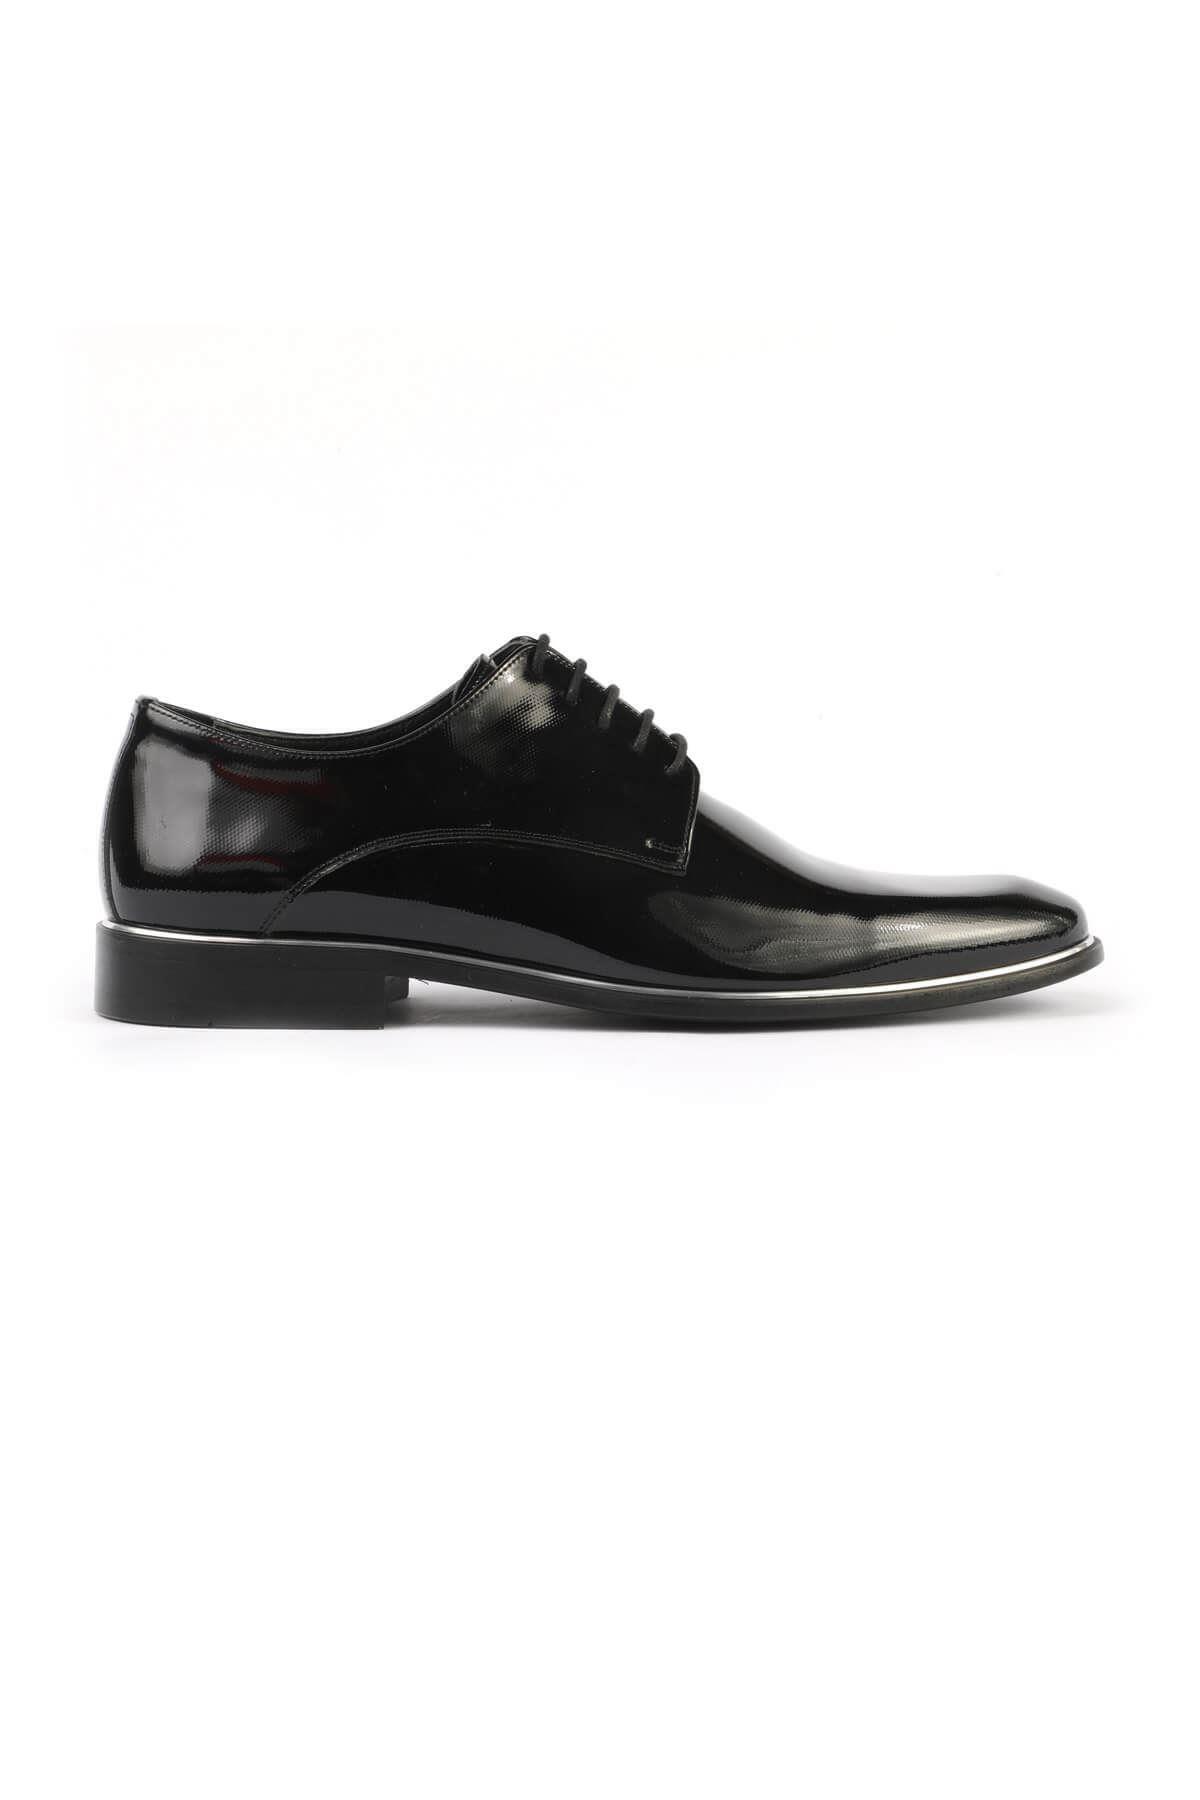 Libero 2140 Lacivert Rugan Baskılı Klasik Ayakkabı 2